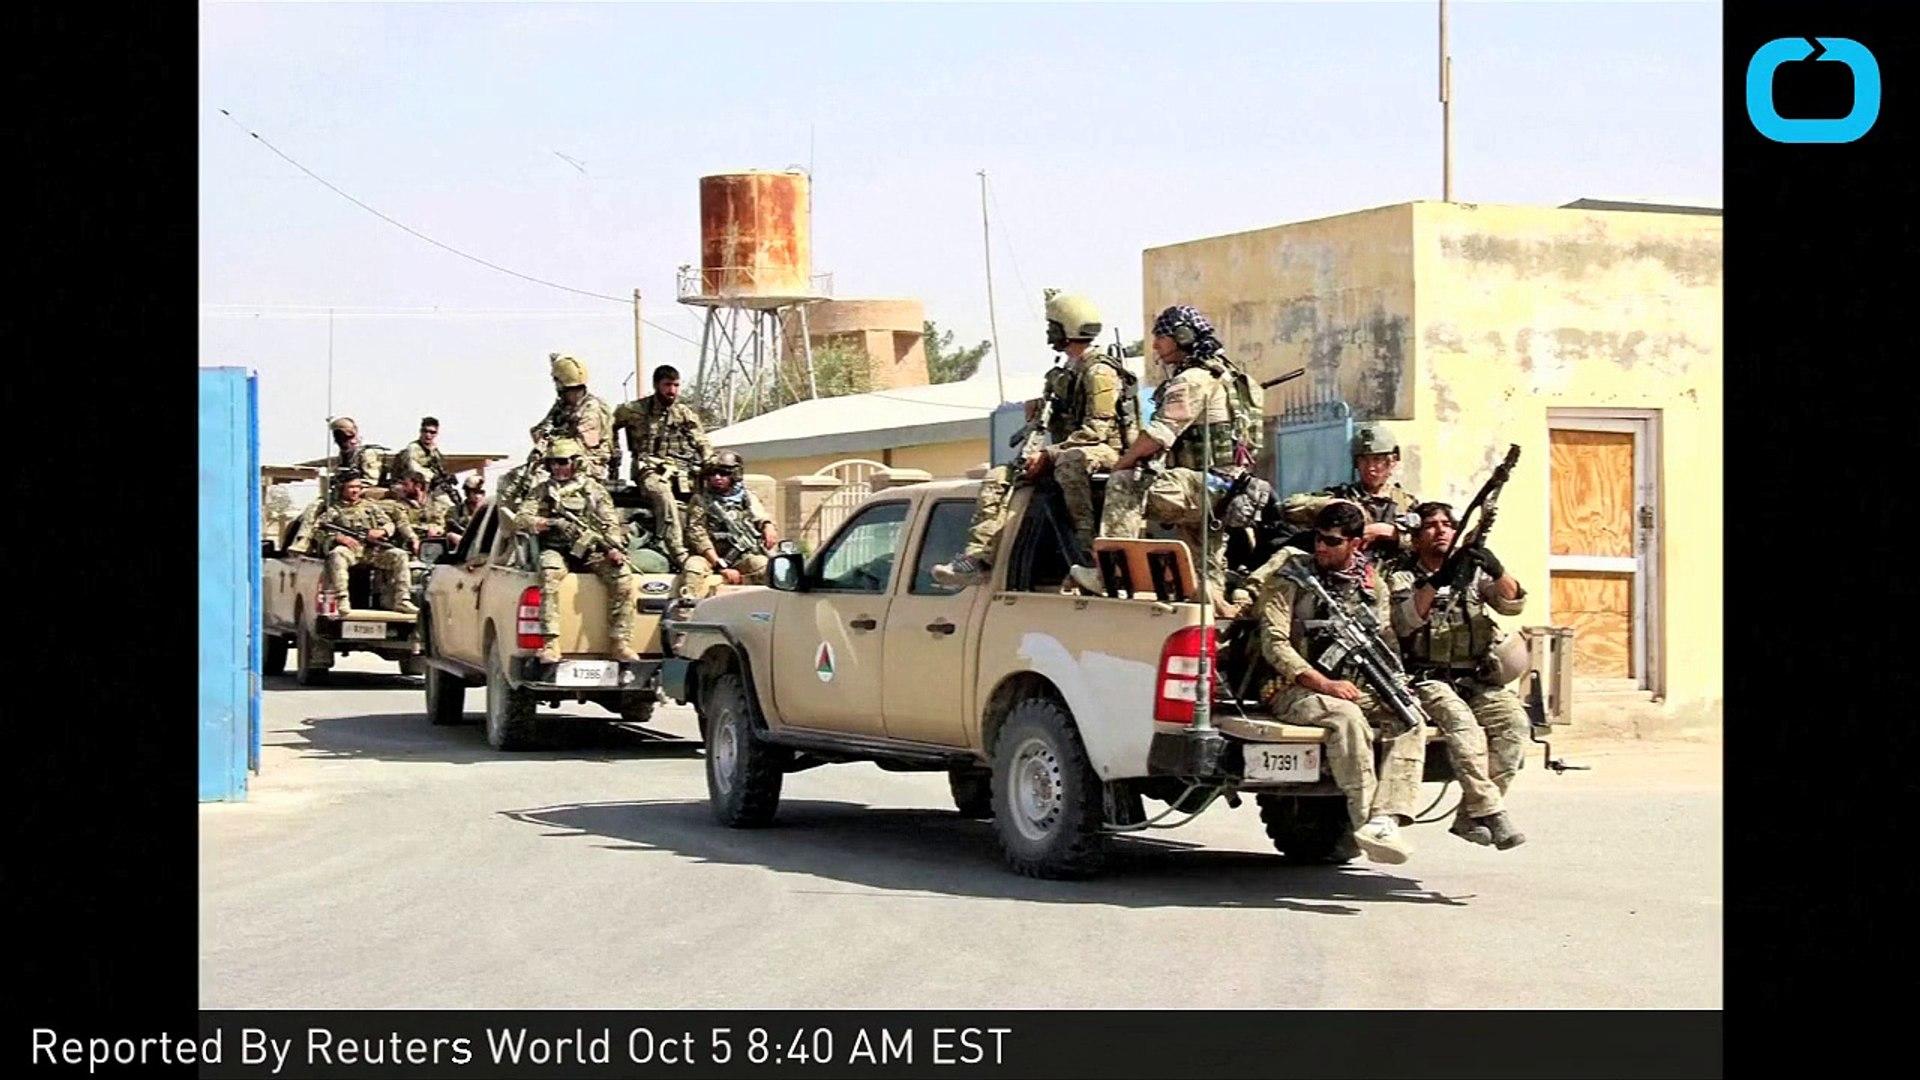 Afghan Forces Called for Air Strike in Kunduz: U.S. General